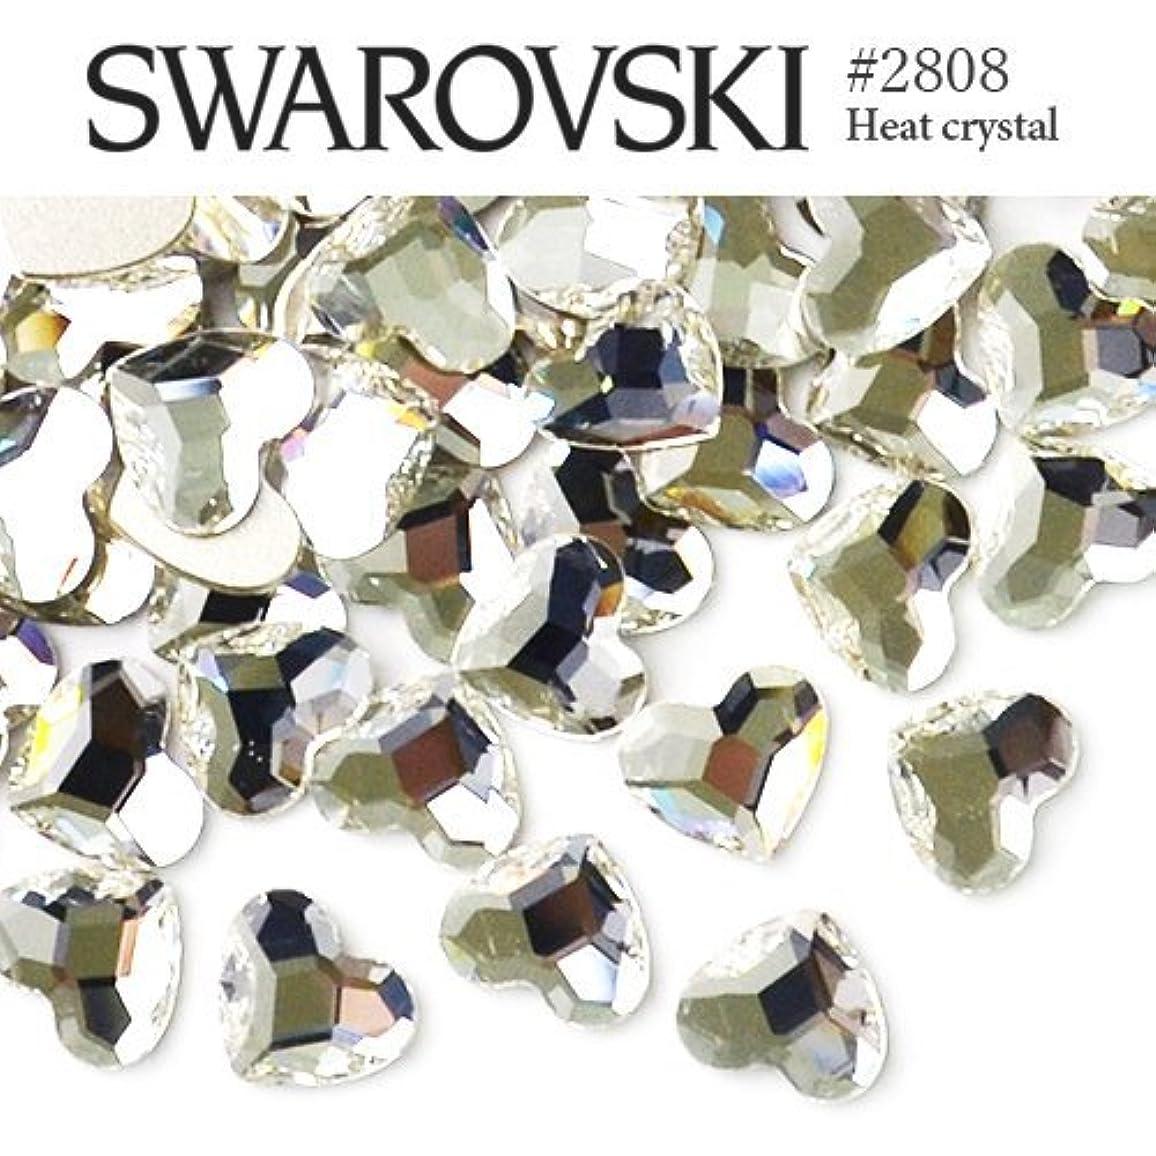 なに偶然蒸気#2808 ハート (6mm) [クリスタル] 5粒入り スワロフスキー ラインストーン